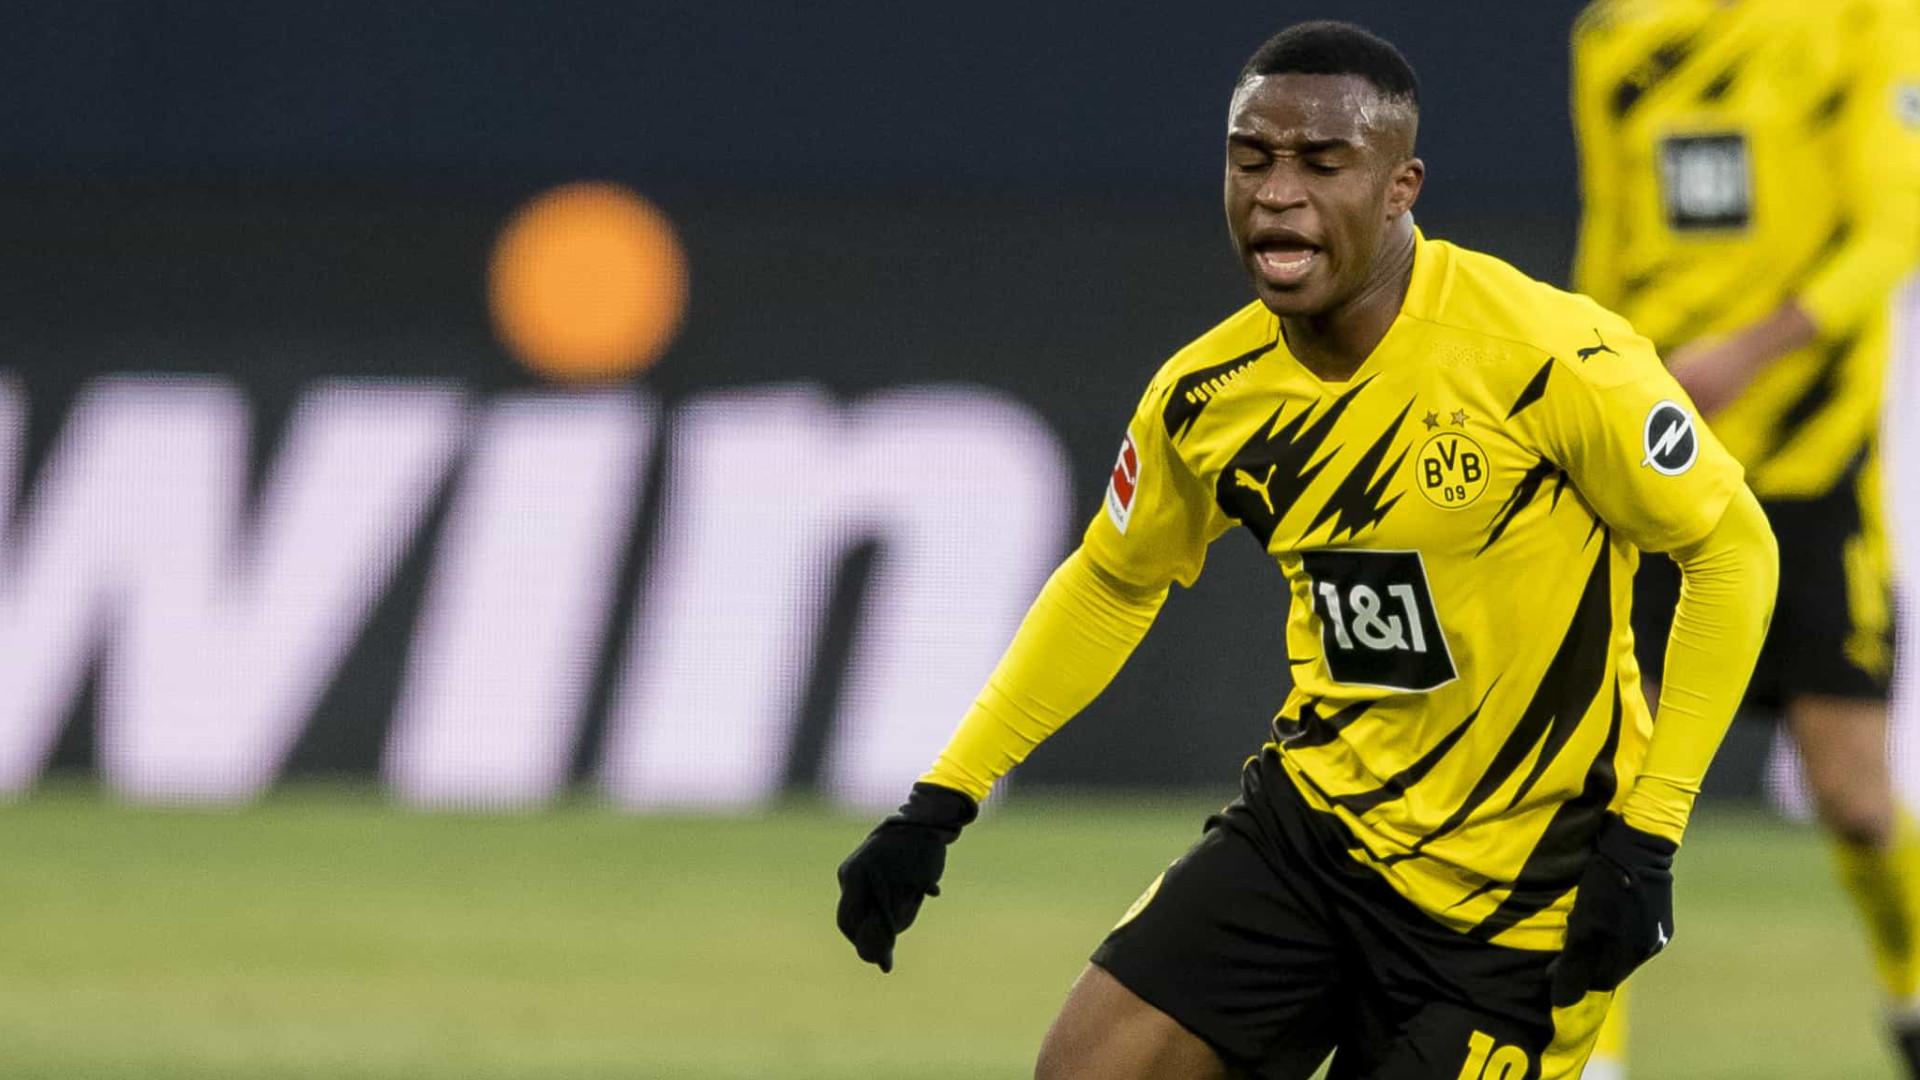 Prodígio do Dortmund discutiu com ex-namorada e trancou-a em casa